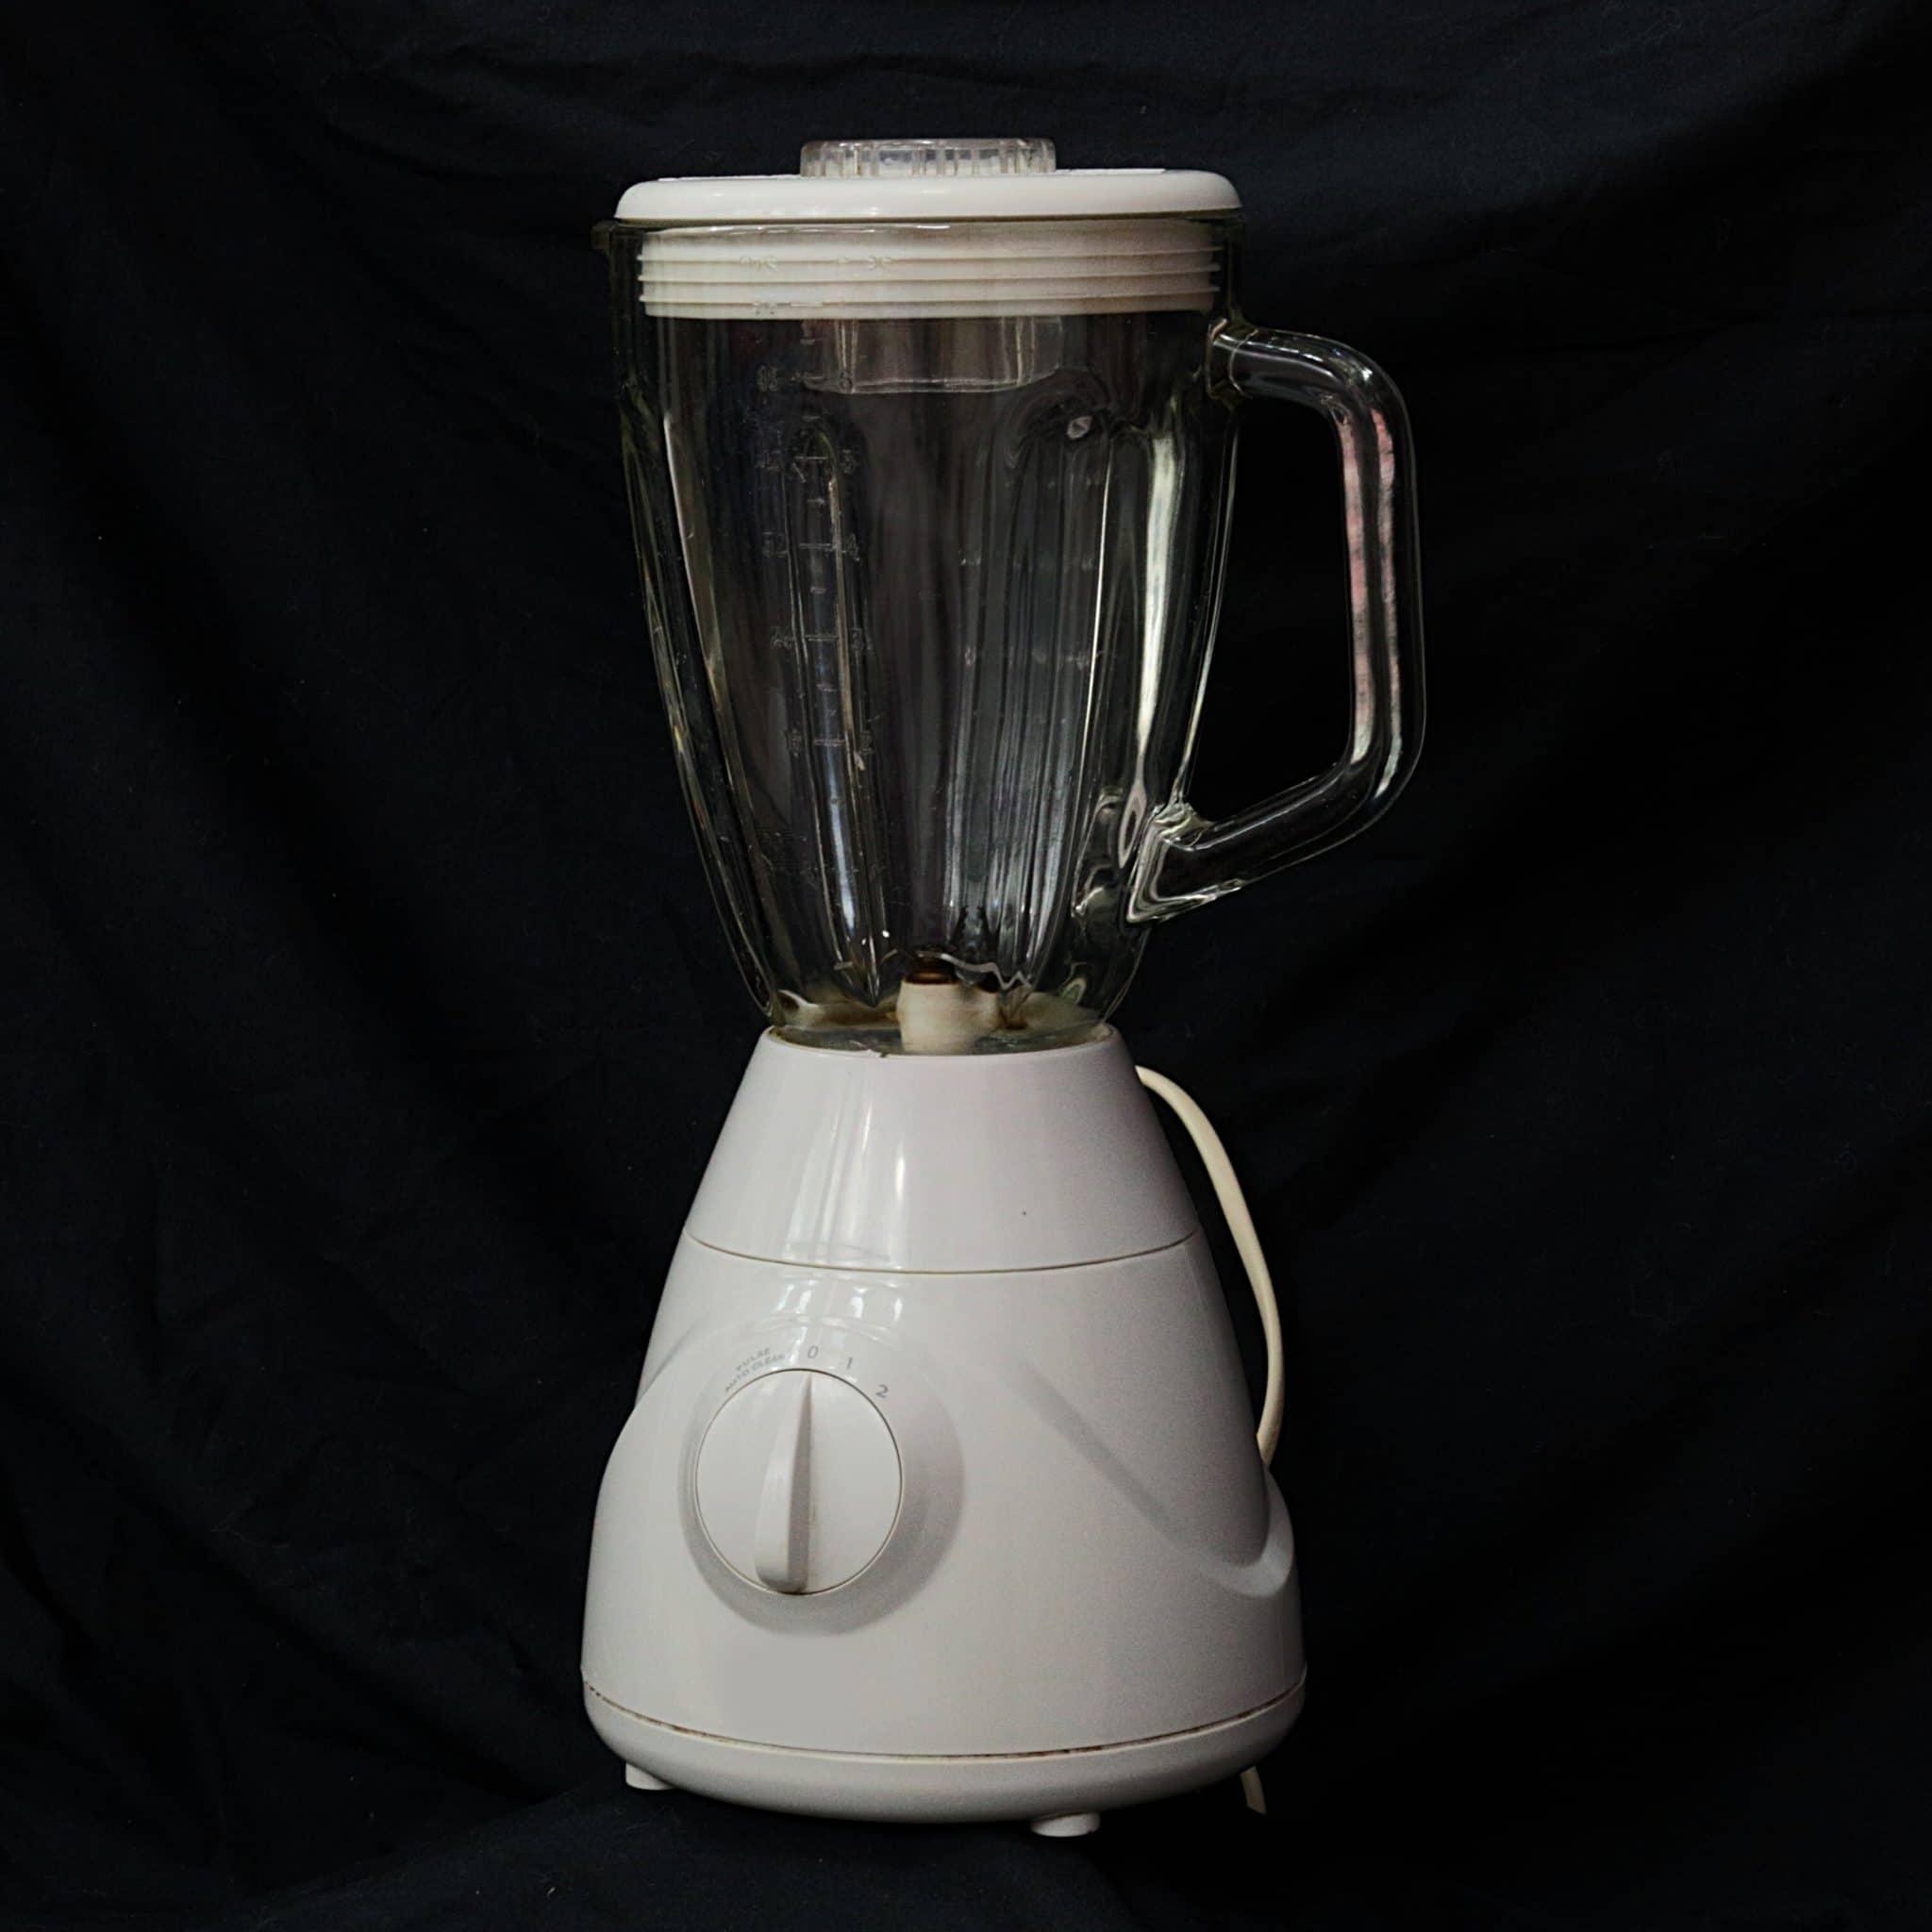 powerful juicer, oster mixer